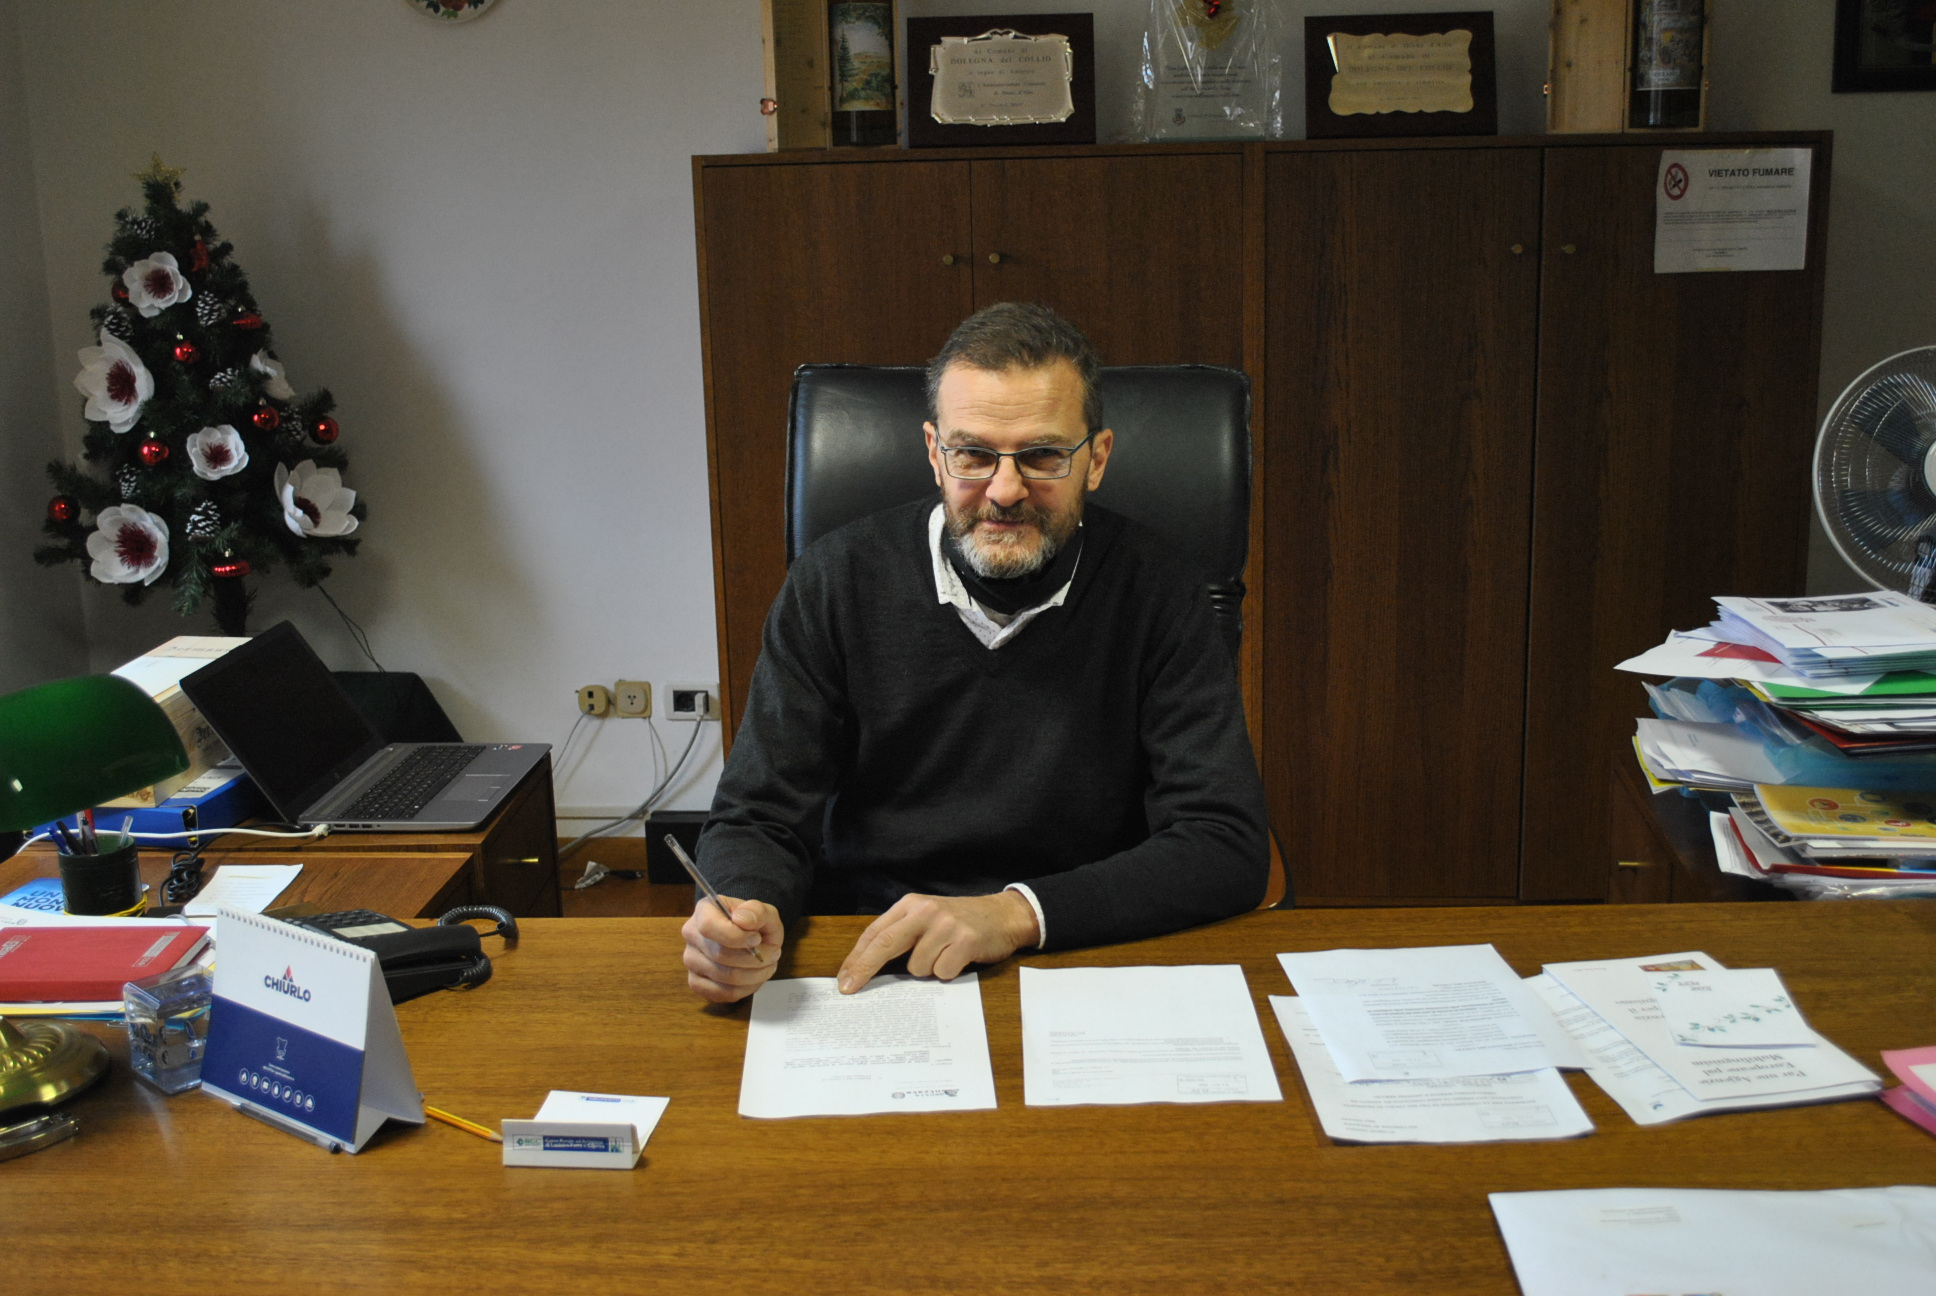 Immagine per Tampone positivo per il sindaco di Dolegna, scatta la quarantena per tutta la famiglia